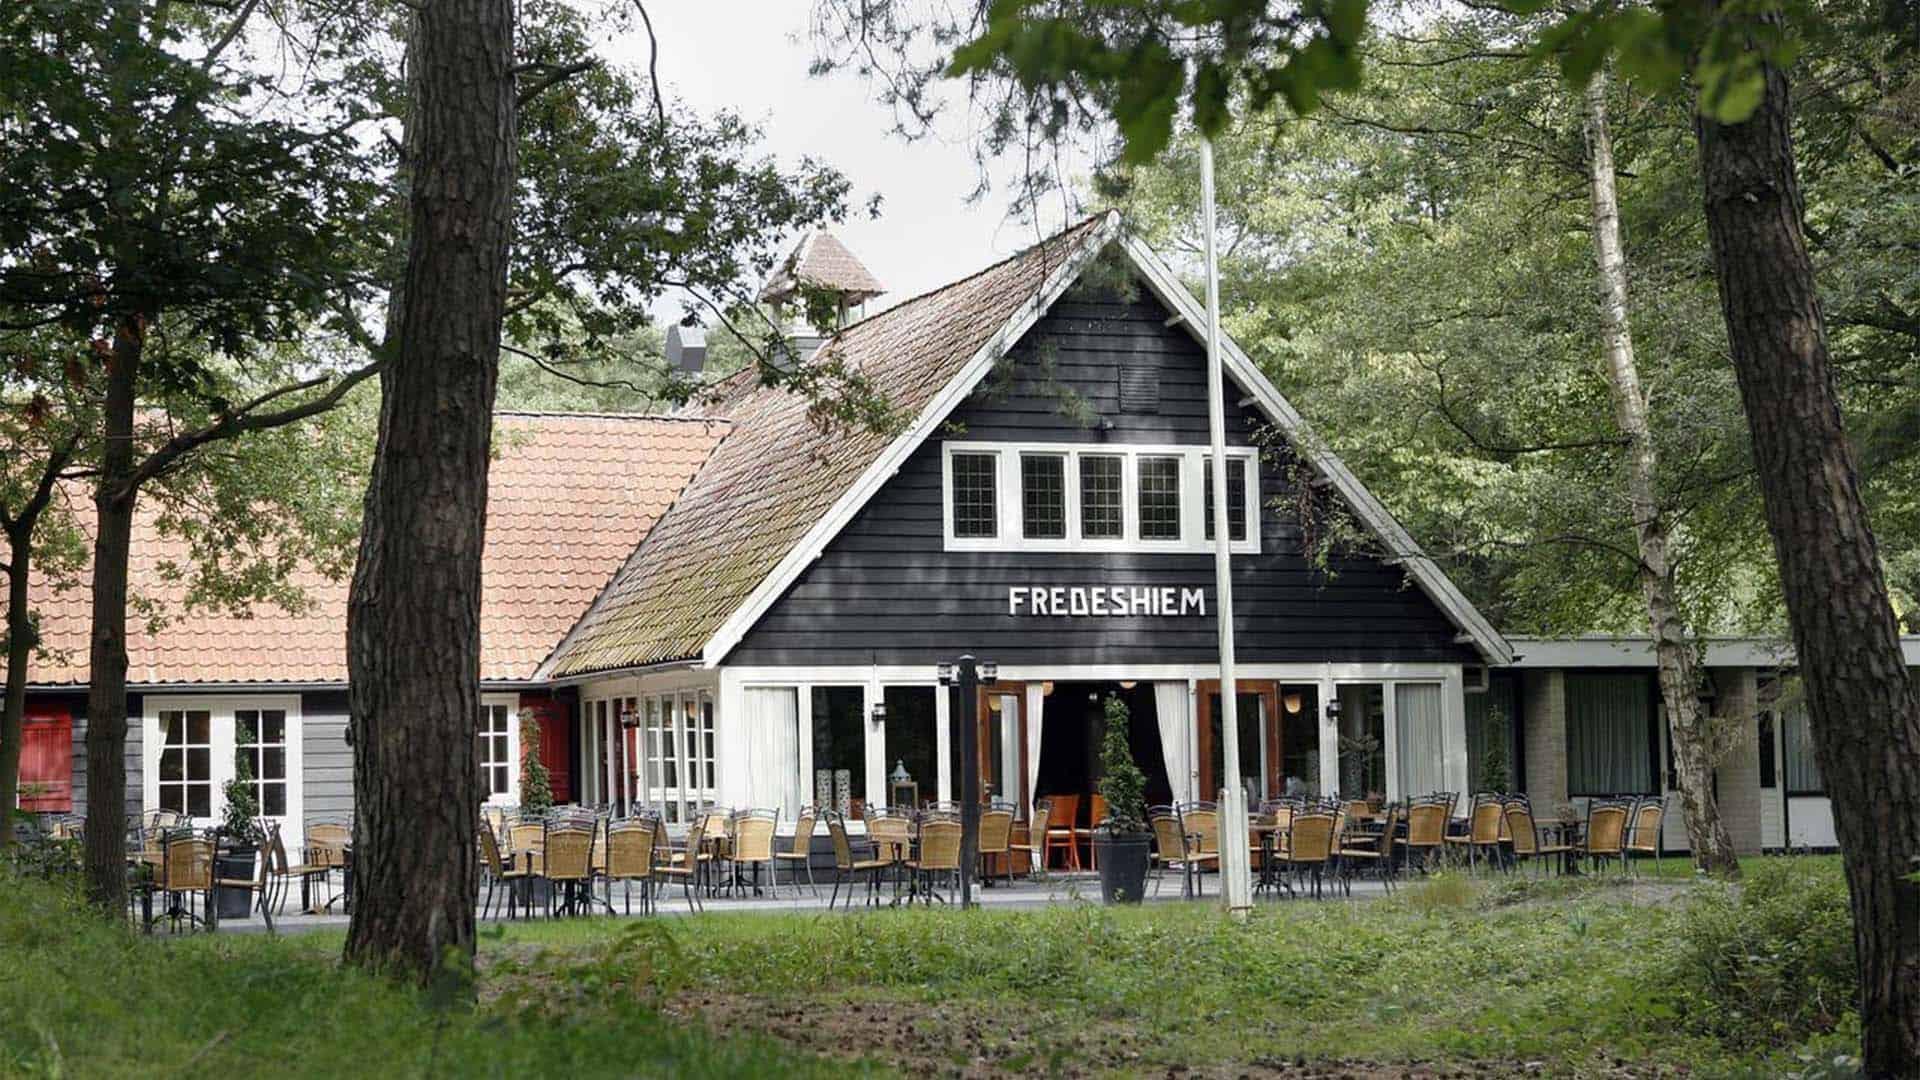 Hotel-en-vakantiehuizen-Landgoed-Fredeshiem-De-Bult-Steenwijk